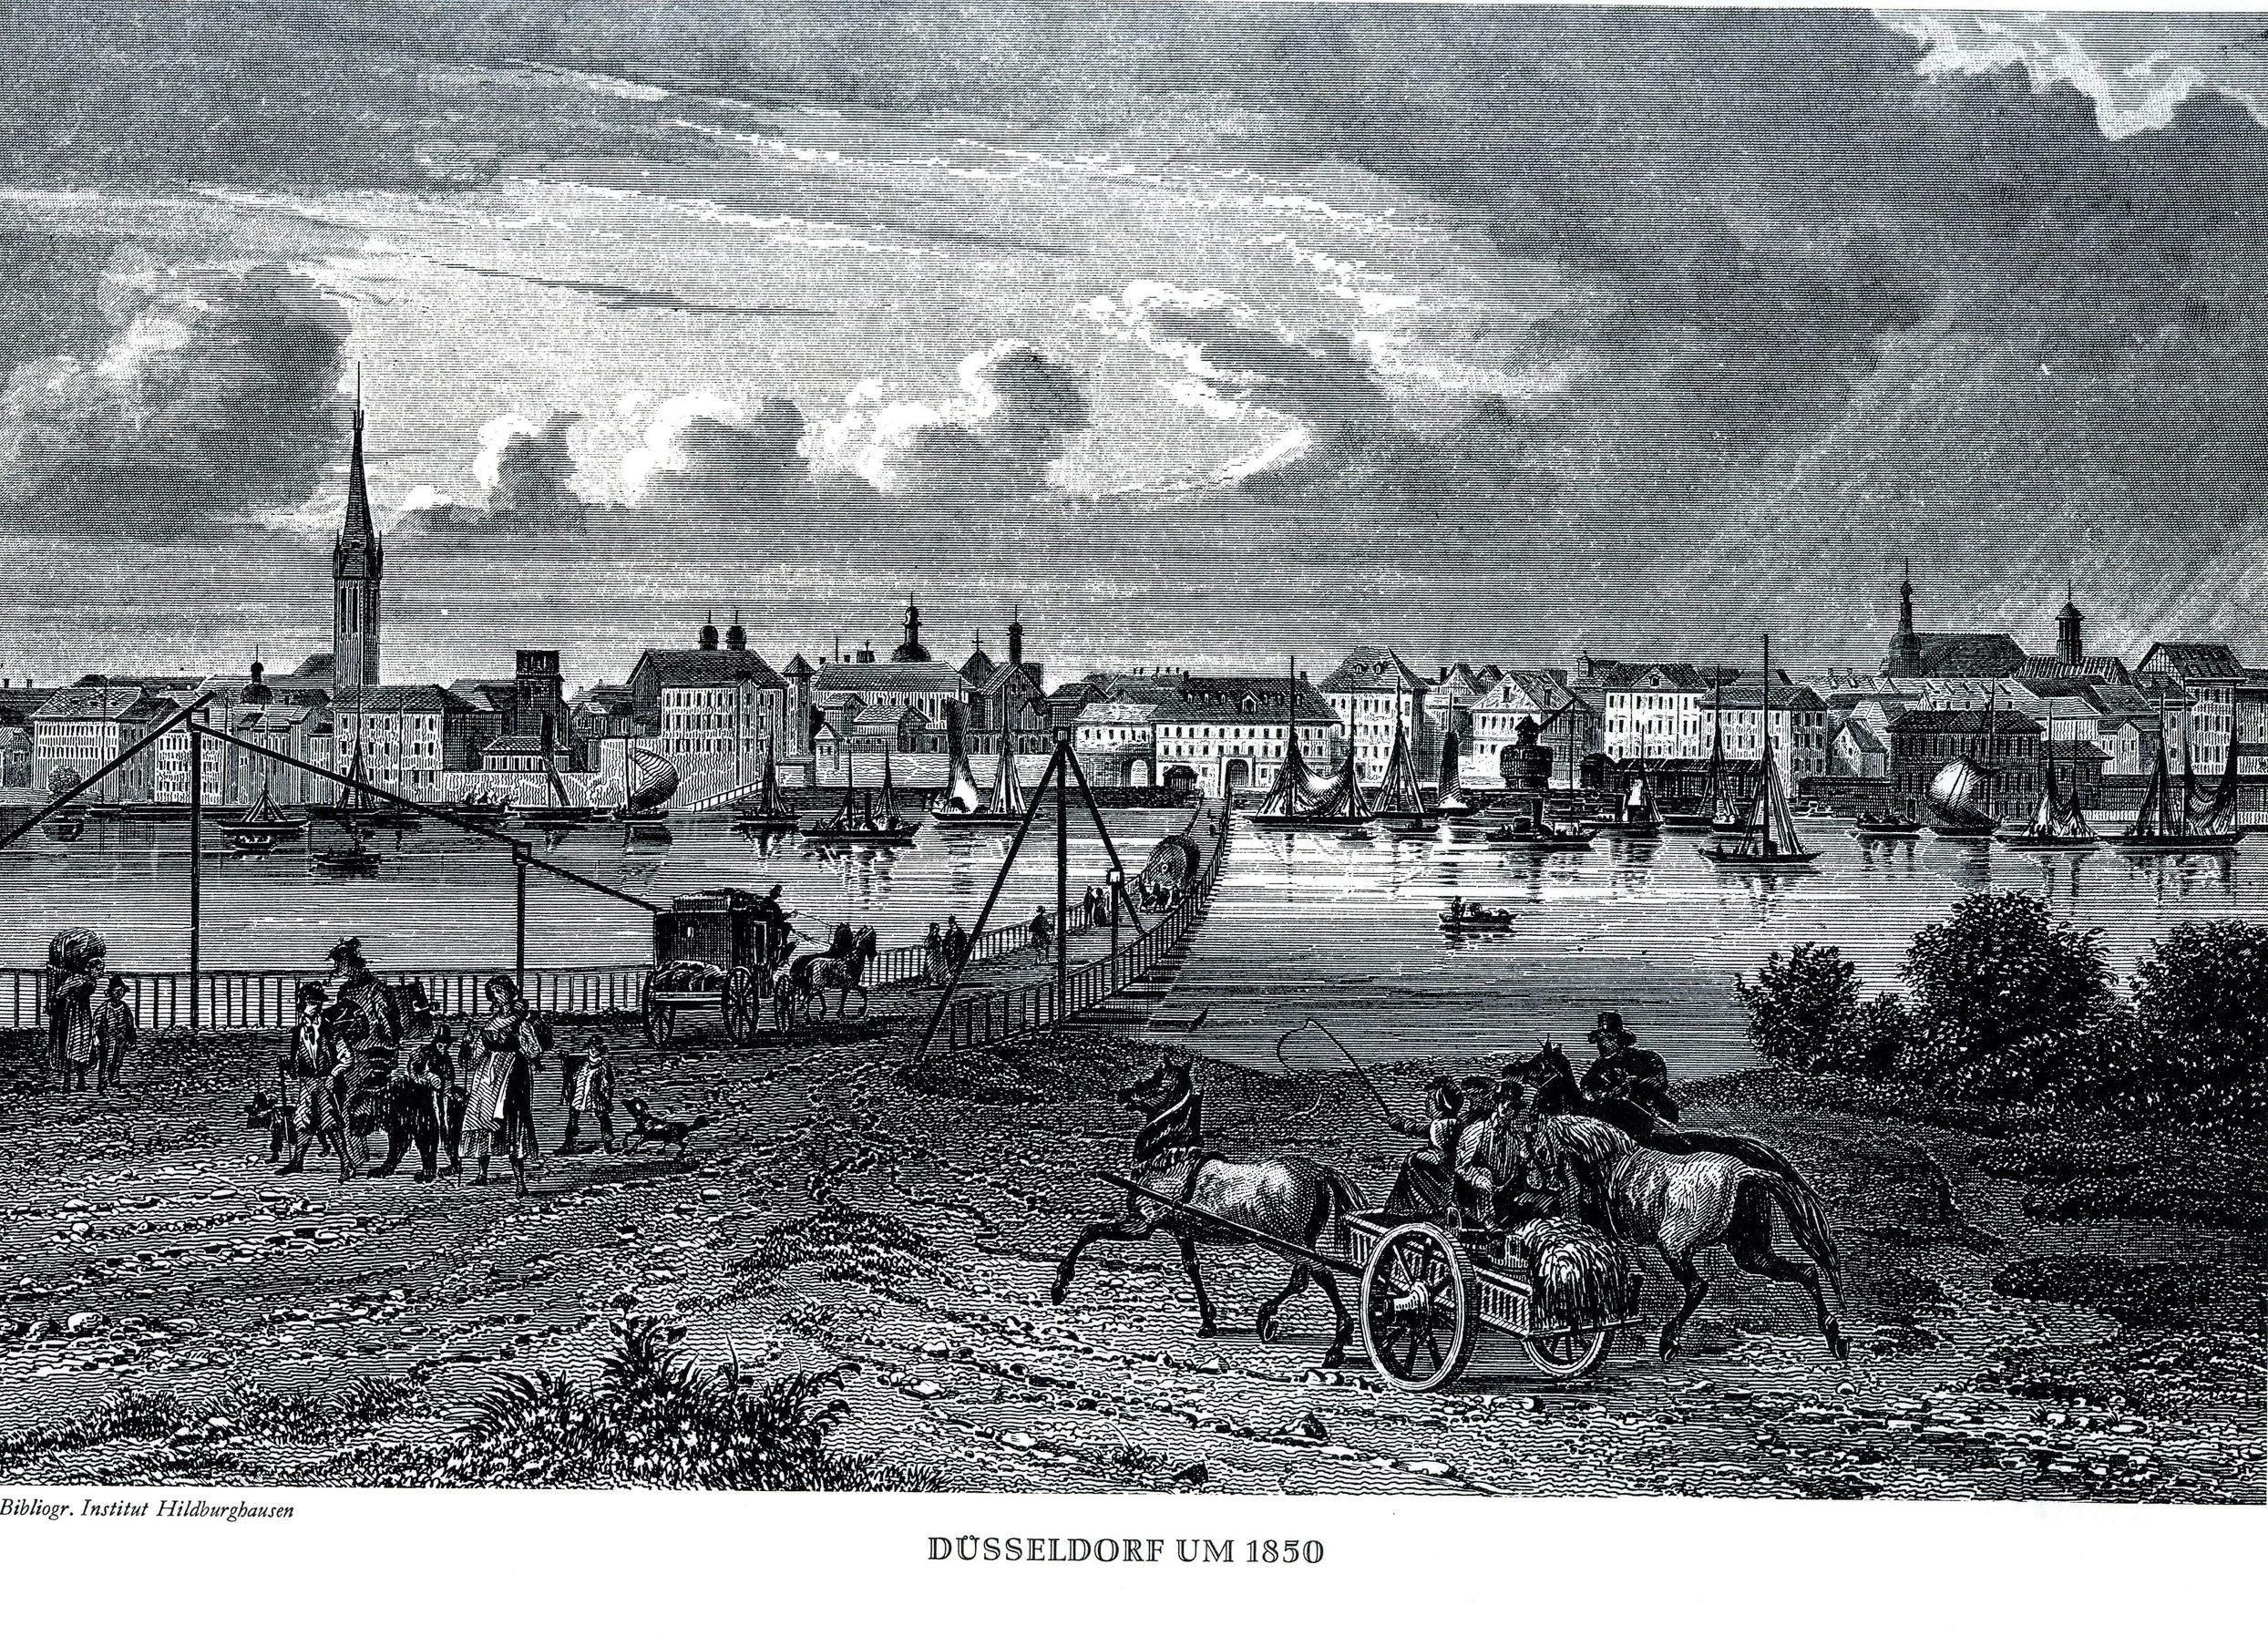 Düsseldorf Stich 1850